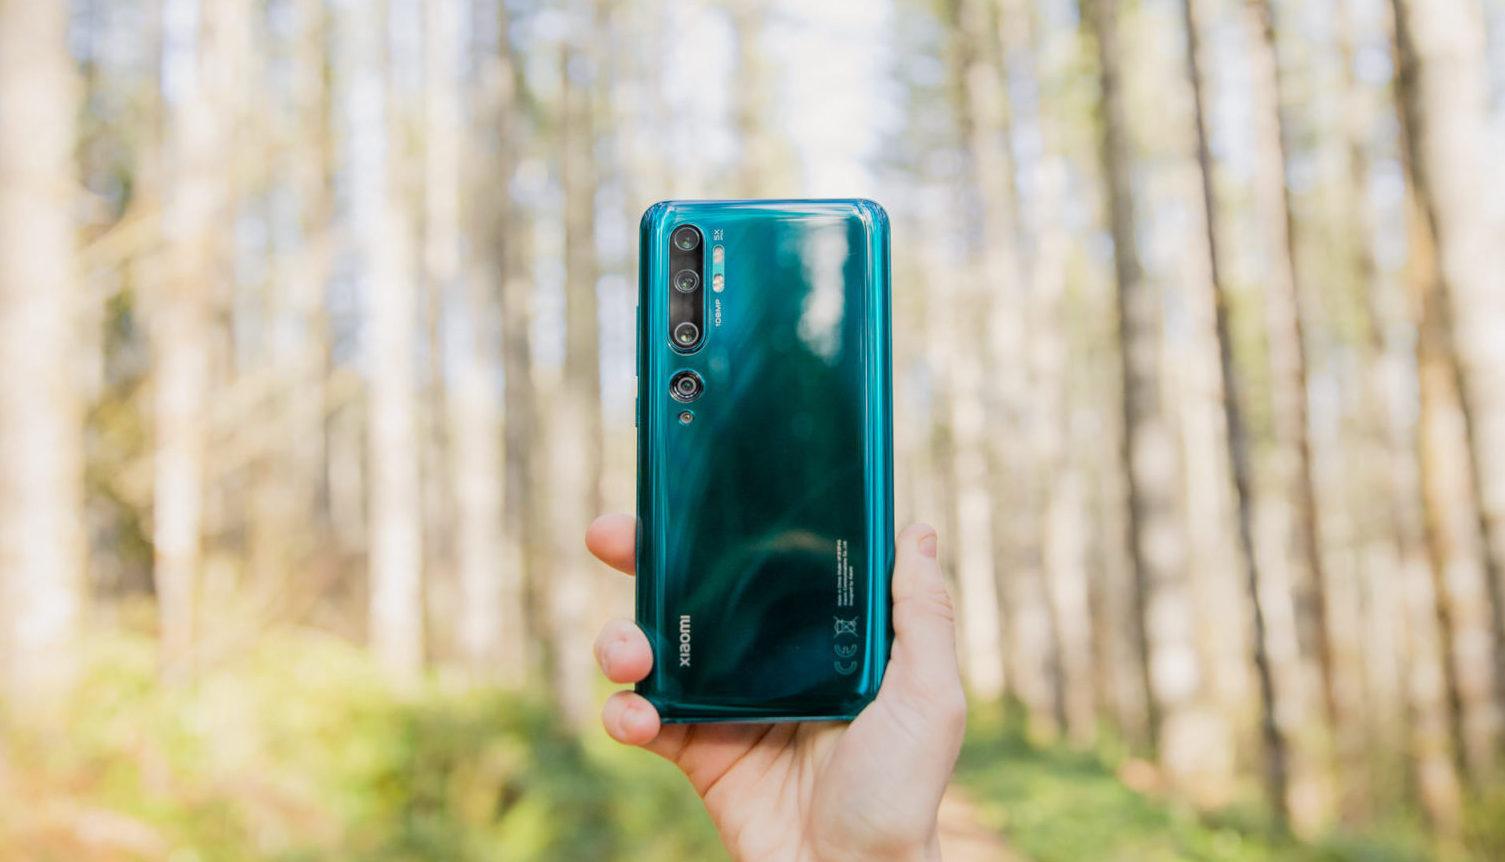 Камеры телефонов  Xiaomi Mi10 иXiaomi 10 Pro получили огромное  обновление